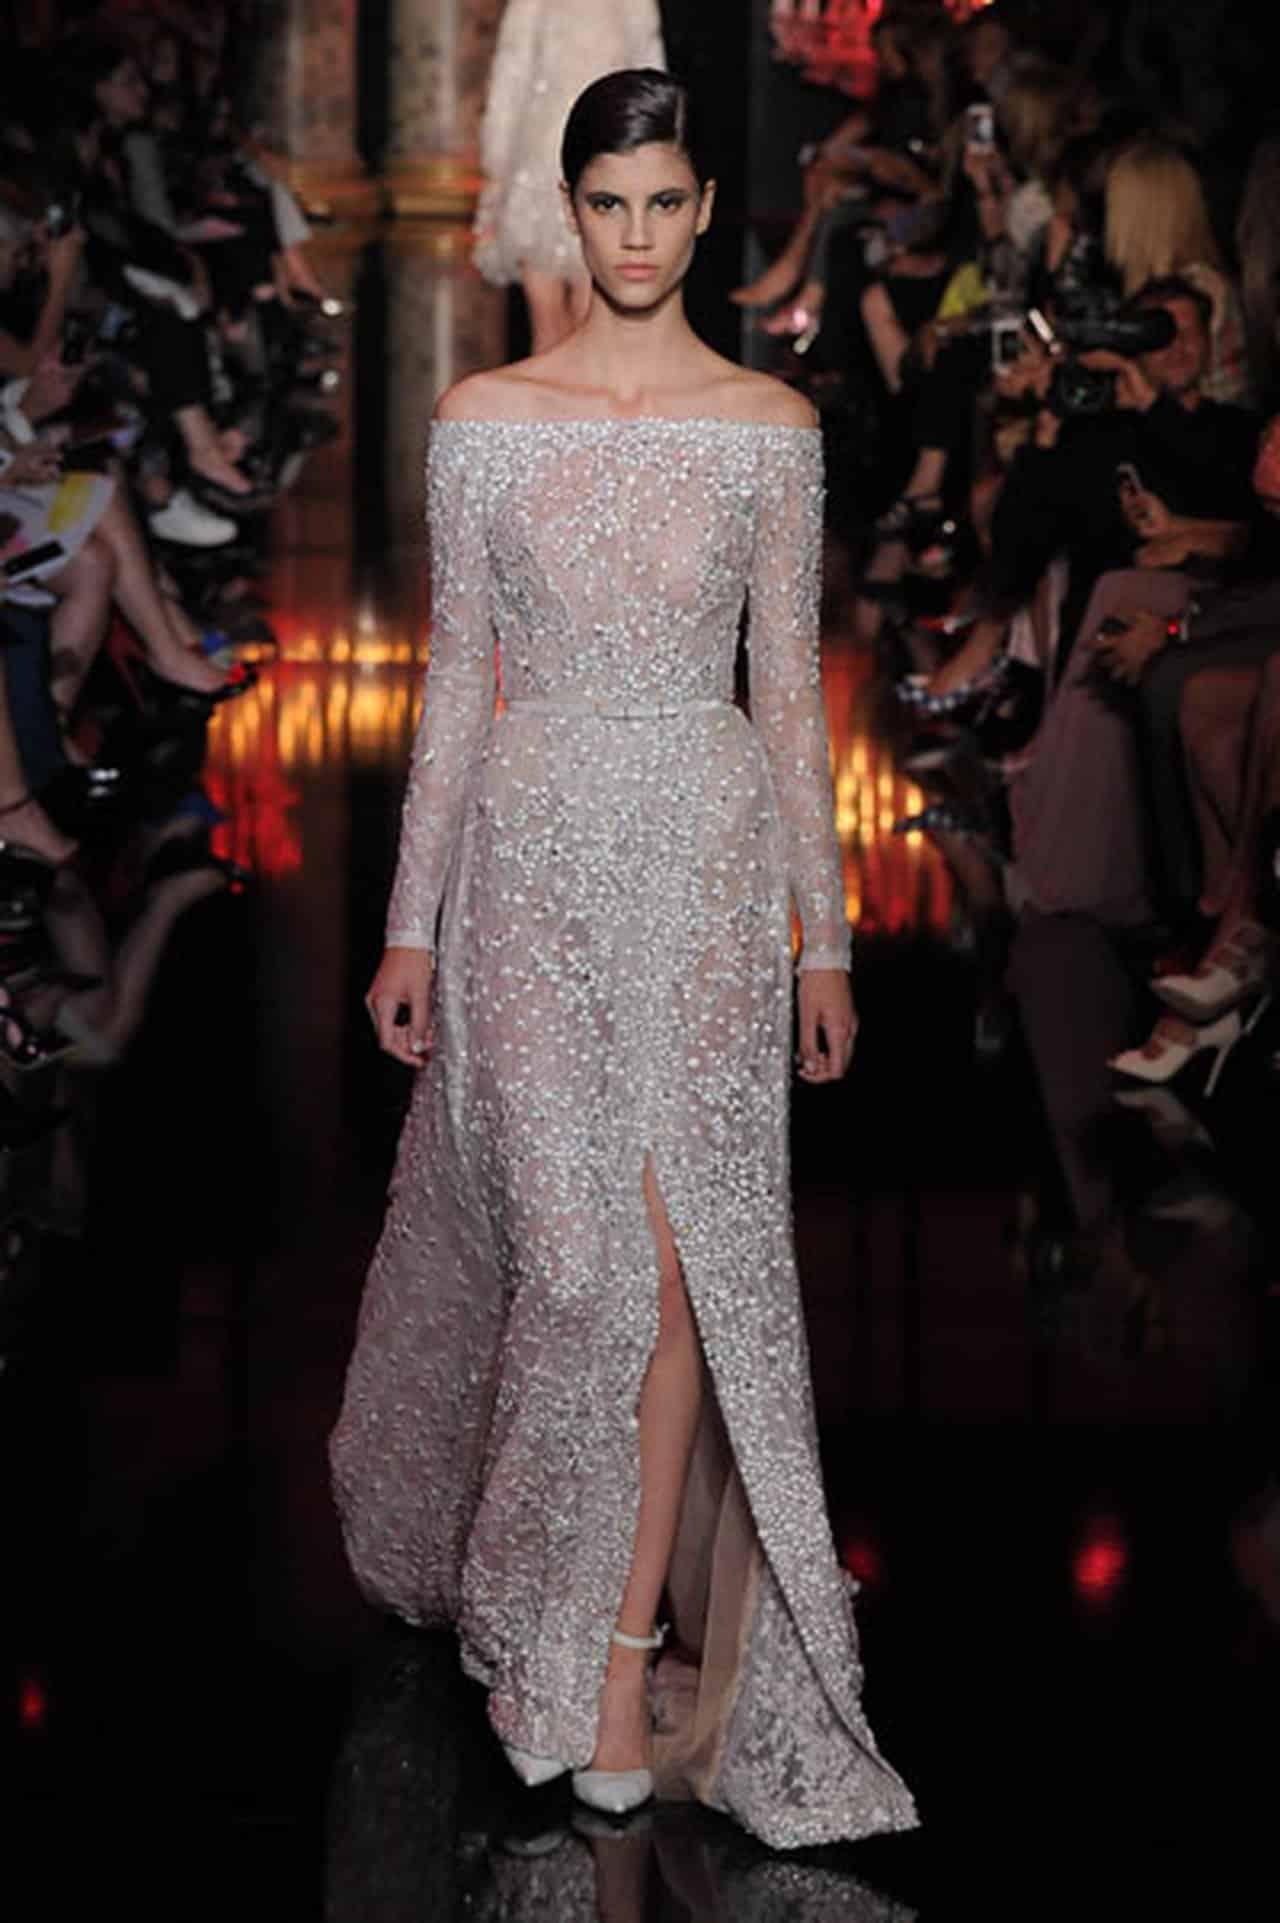 b24b0091d أحدث إطلالة لفساتين إيلي صعب جميلة